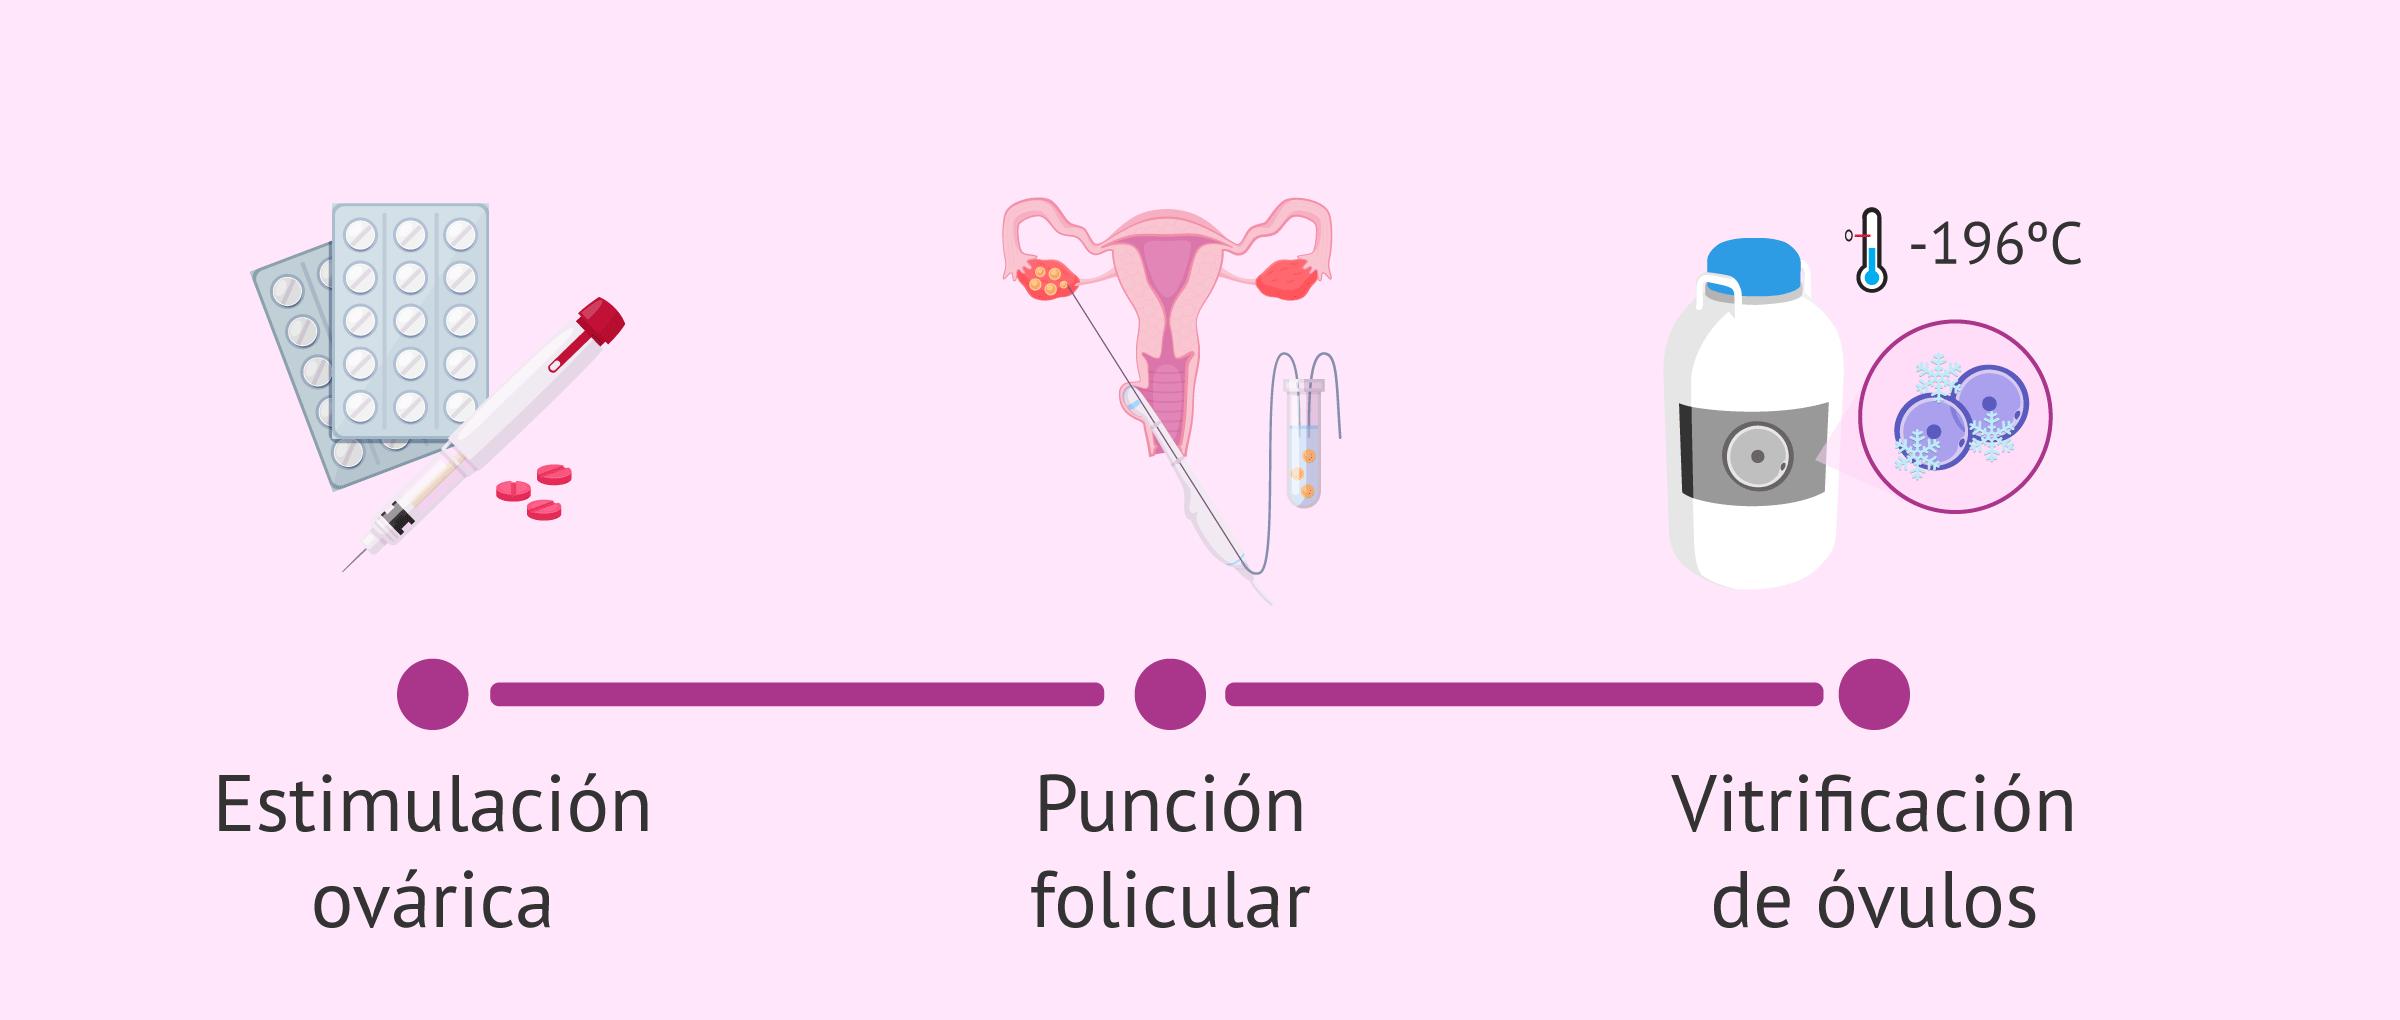 ¿Cómo es el proceso de vitrificación de óvulos?